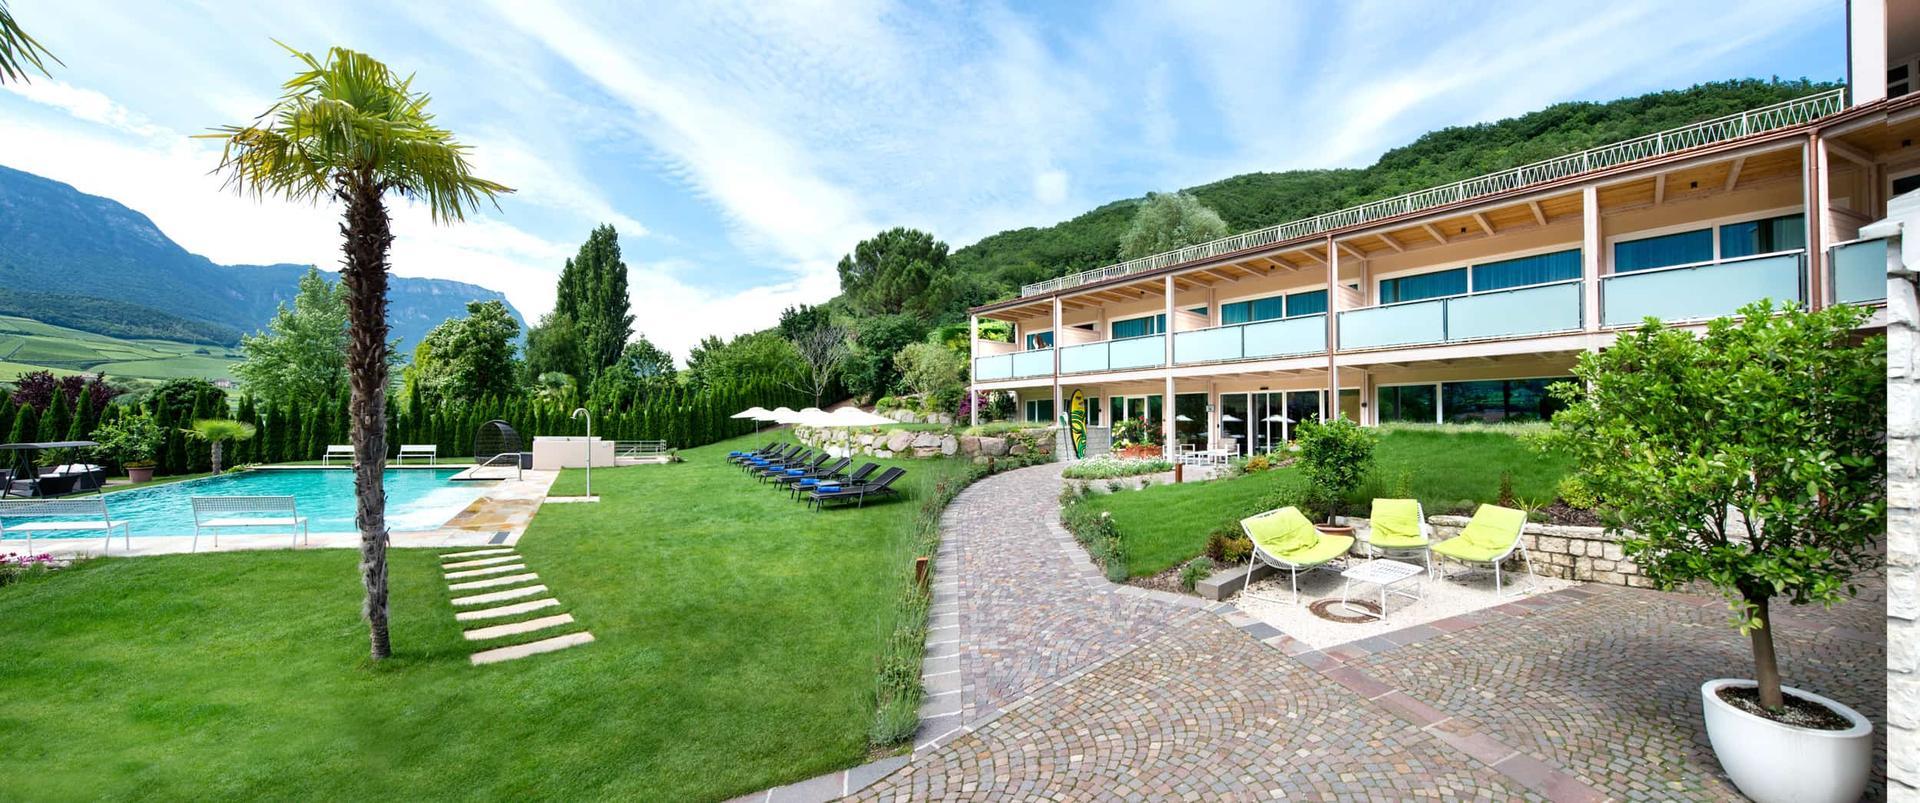 Kalterer See Hotel Halbpension